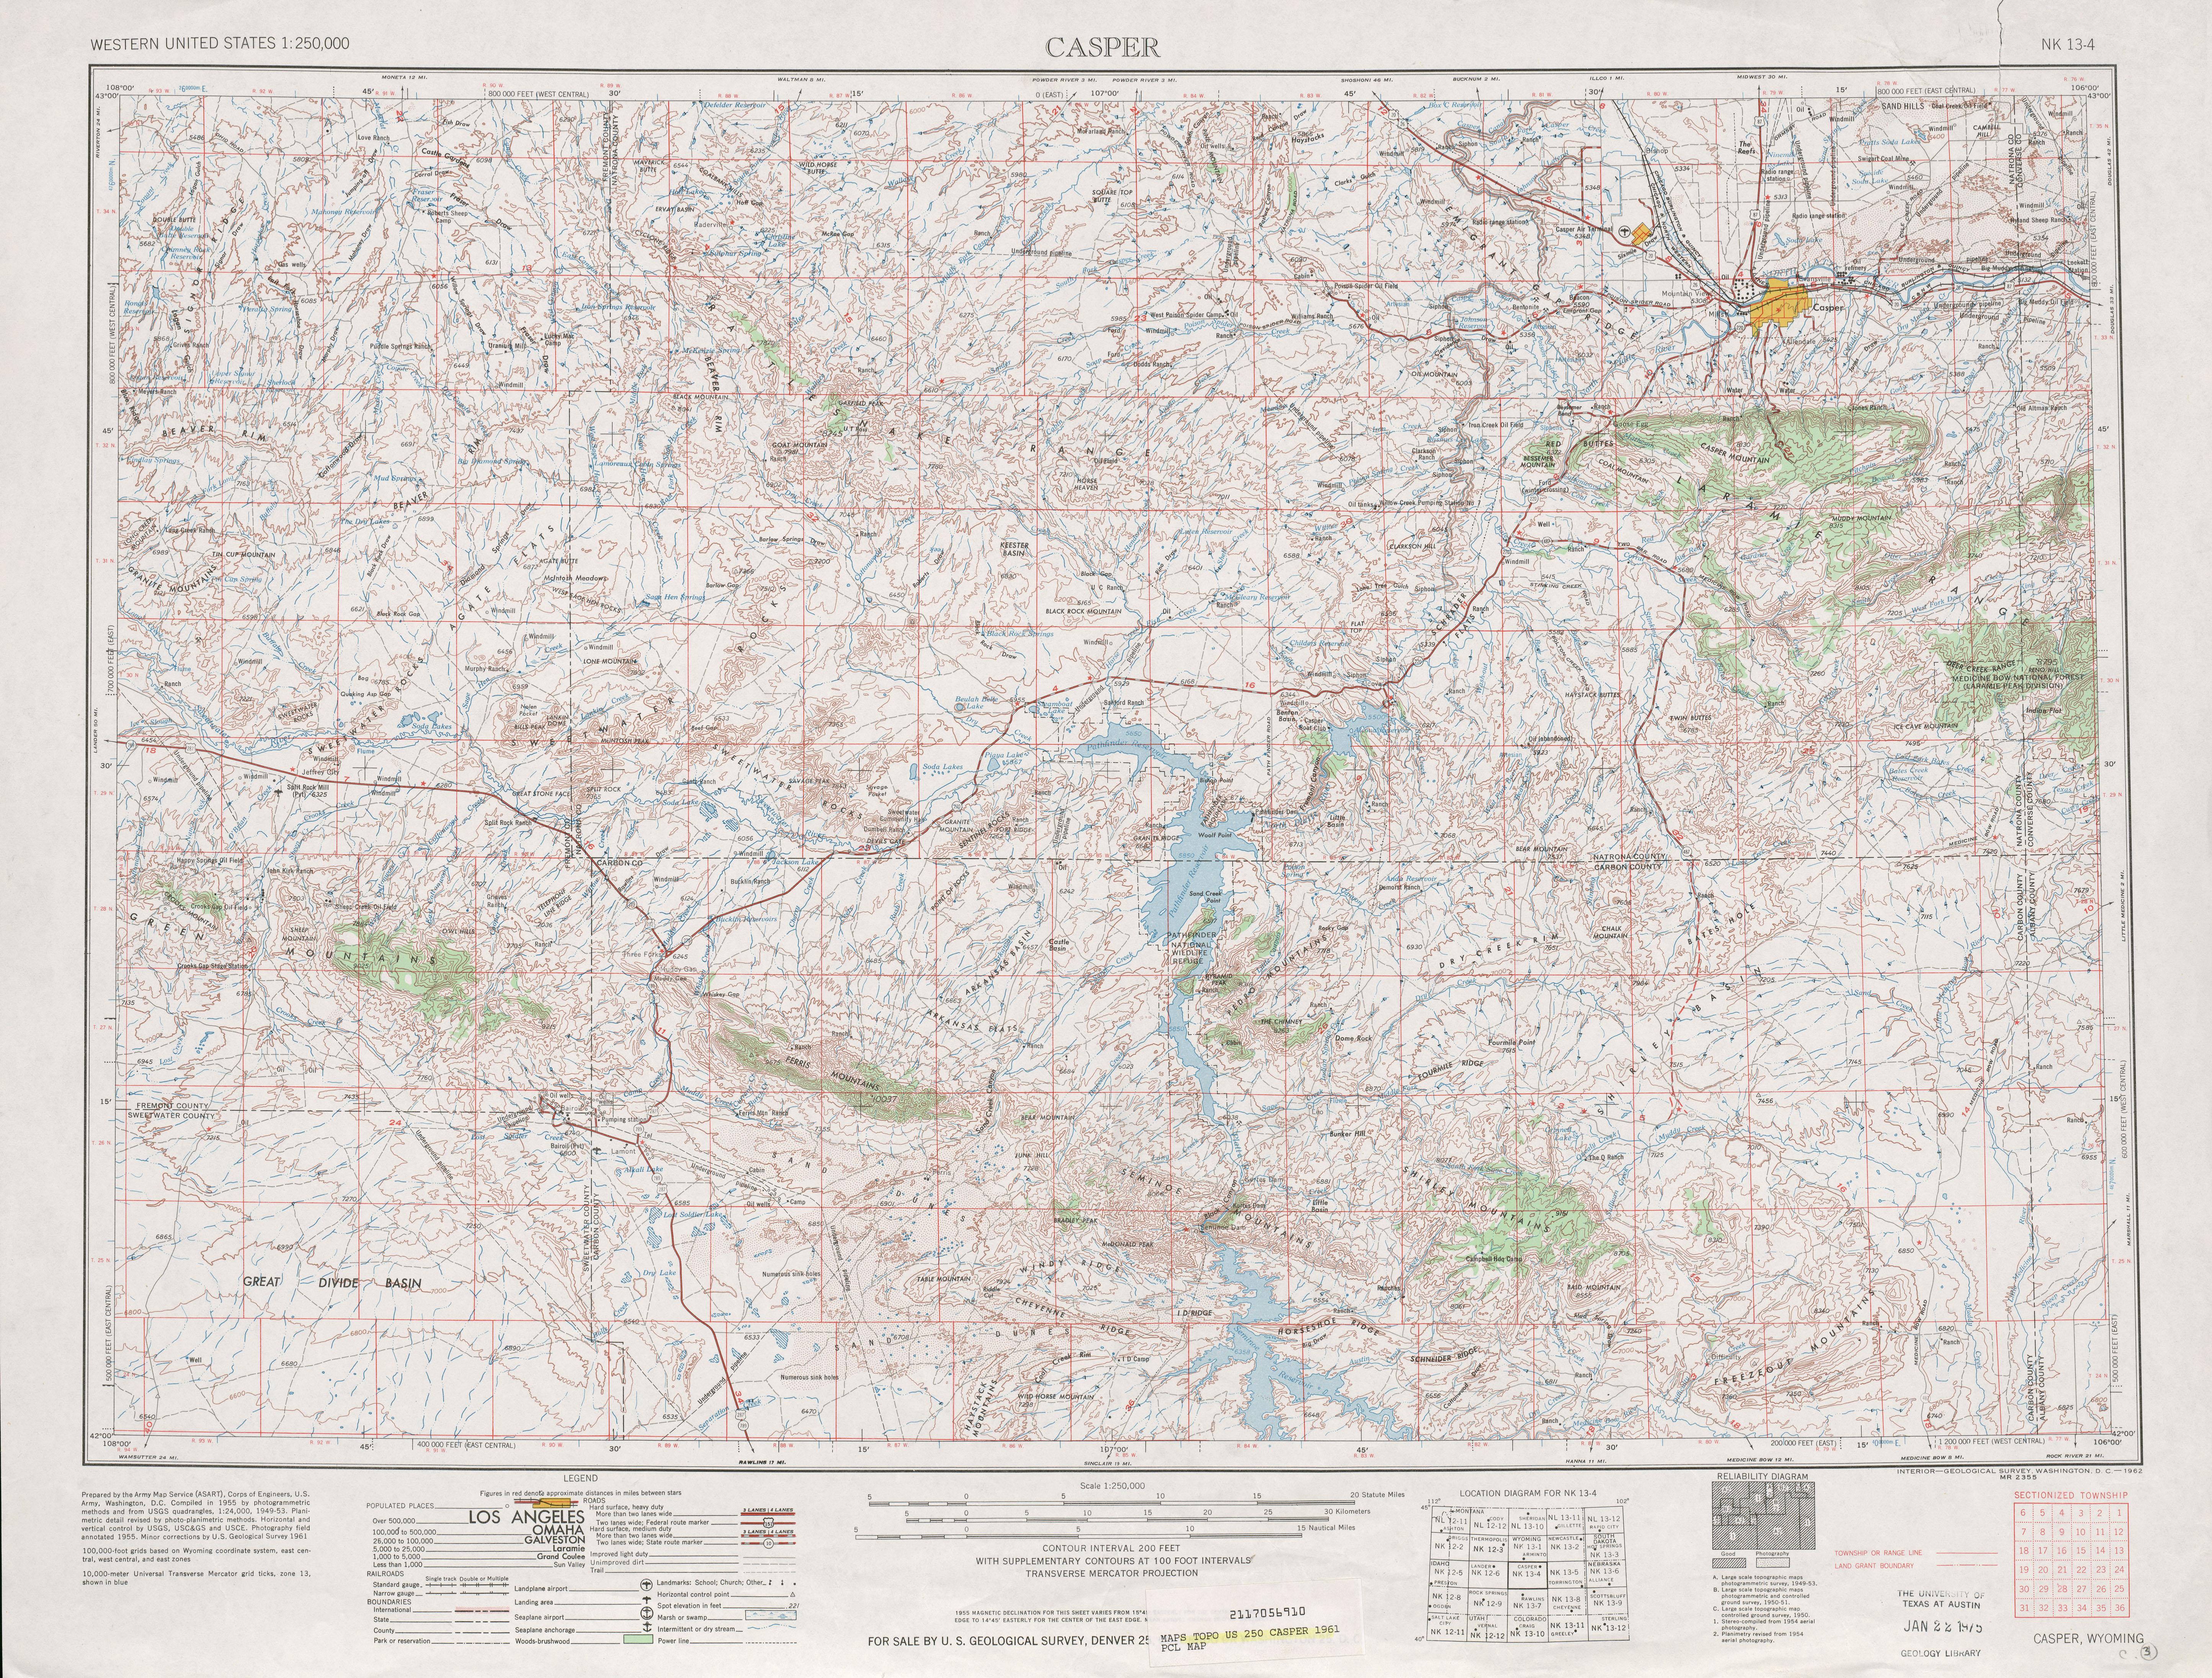 Hoja Casper del Mapa Topográfico de los Estados Unidos 1961